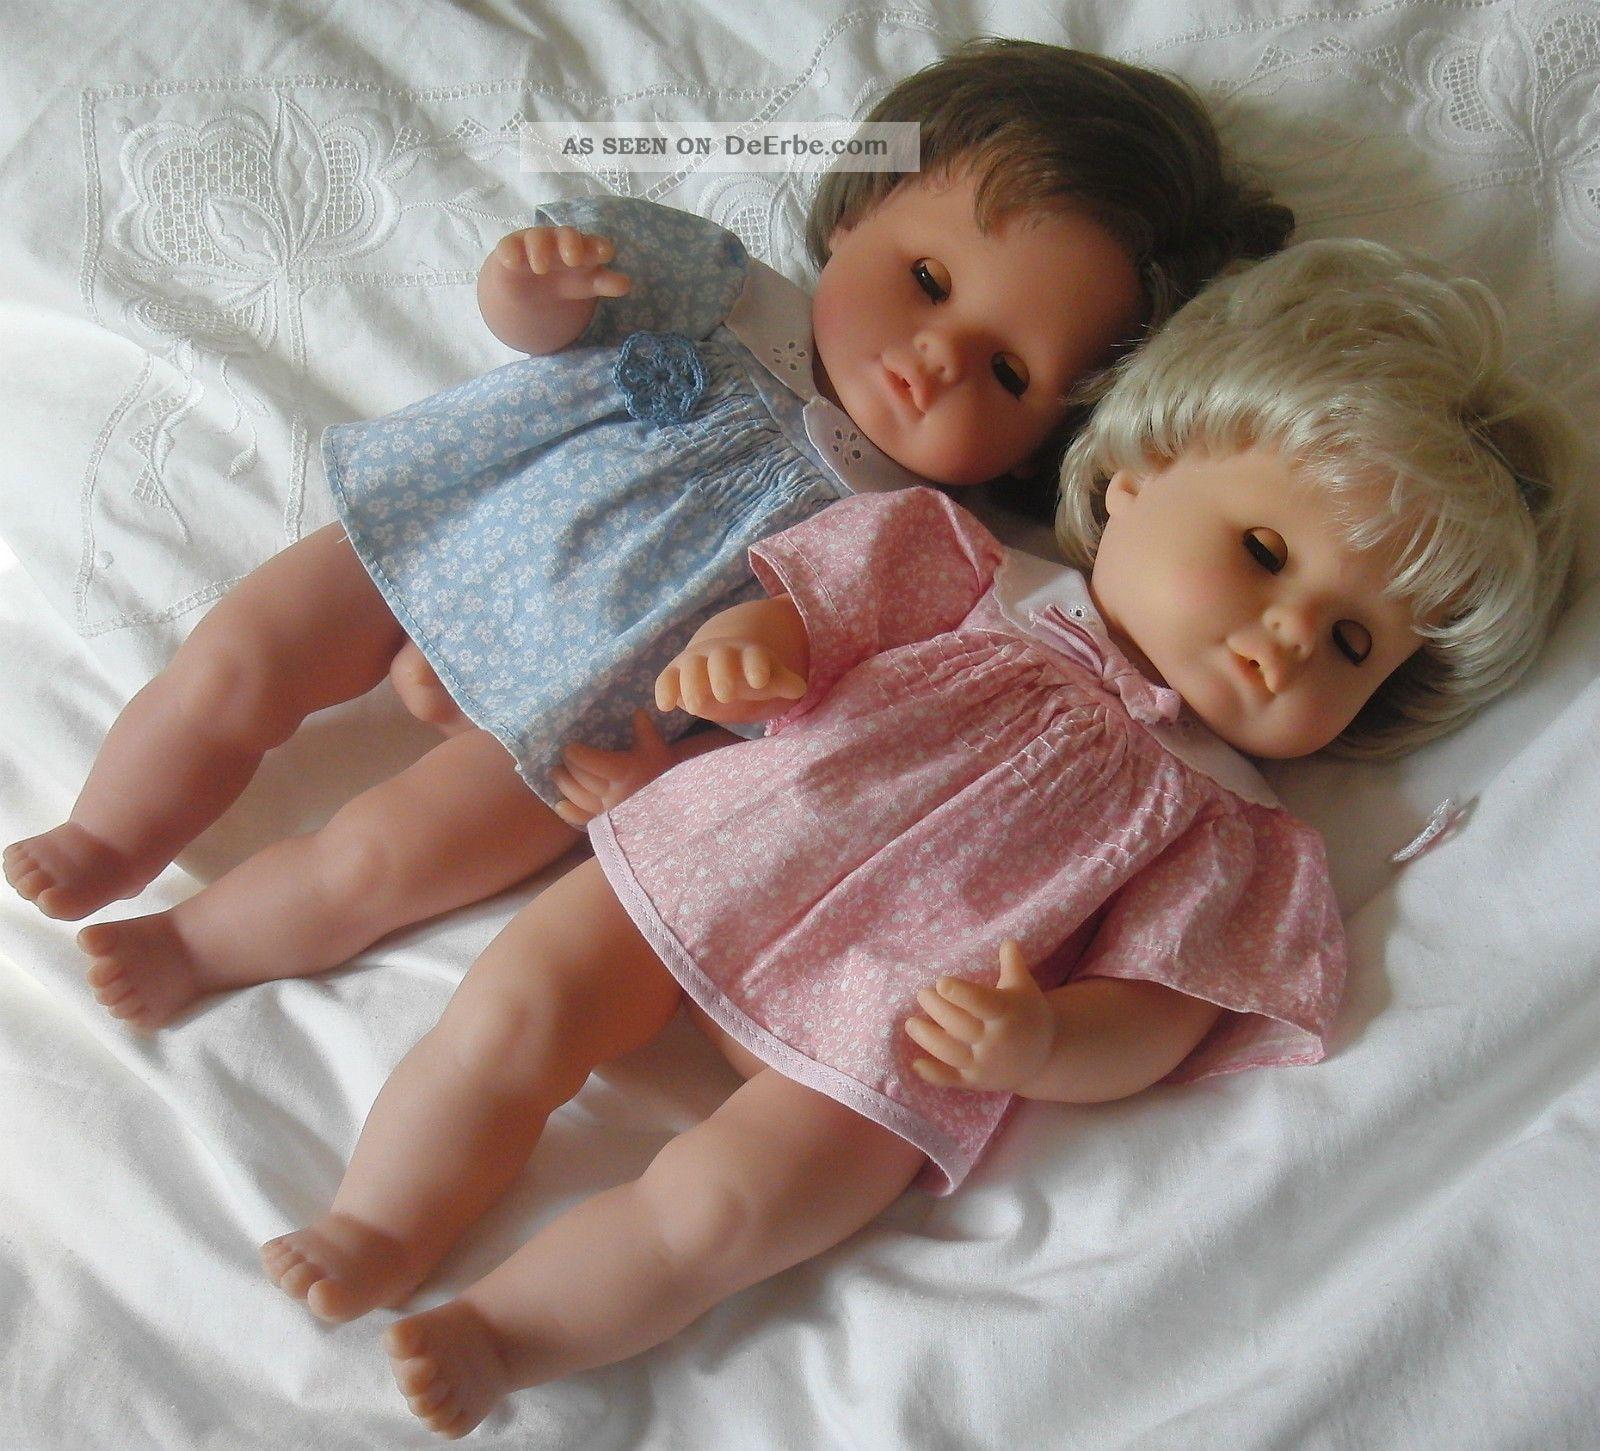 zwillinge m dchen junge puppen v max zapf vollvinyl 42 cm 80er j. Black Bedroom Furniture Sets. Home Design Ideas